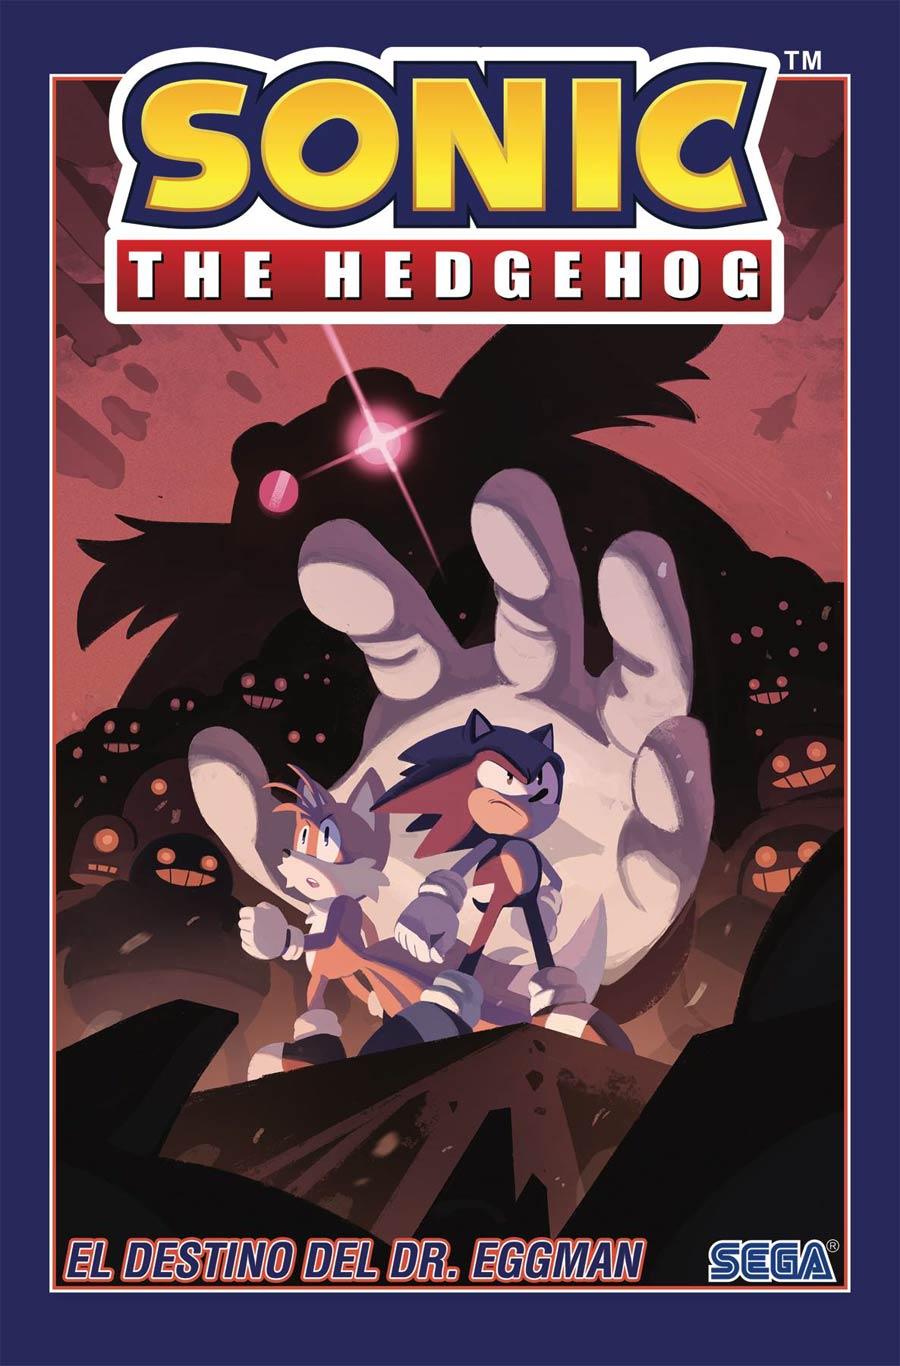 Sonic The Hedgehog (IDW) Vol 2 El Destino Del Dr Eggman (Sonic The Hedgehog (IDW) Vol 2 Fate Of Dr Eggman Spanish Edition) TP